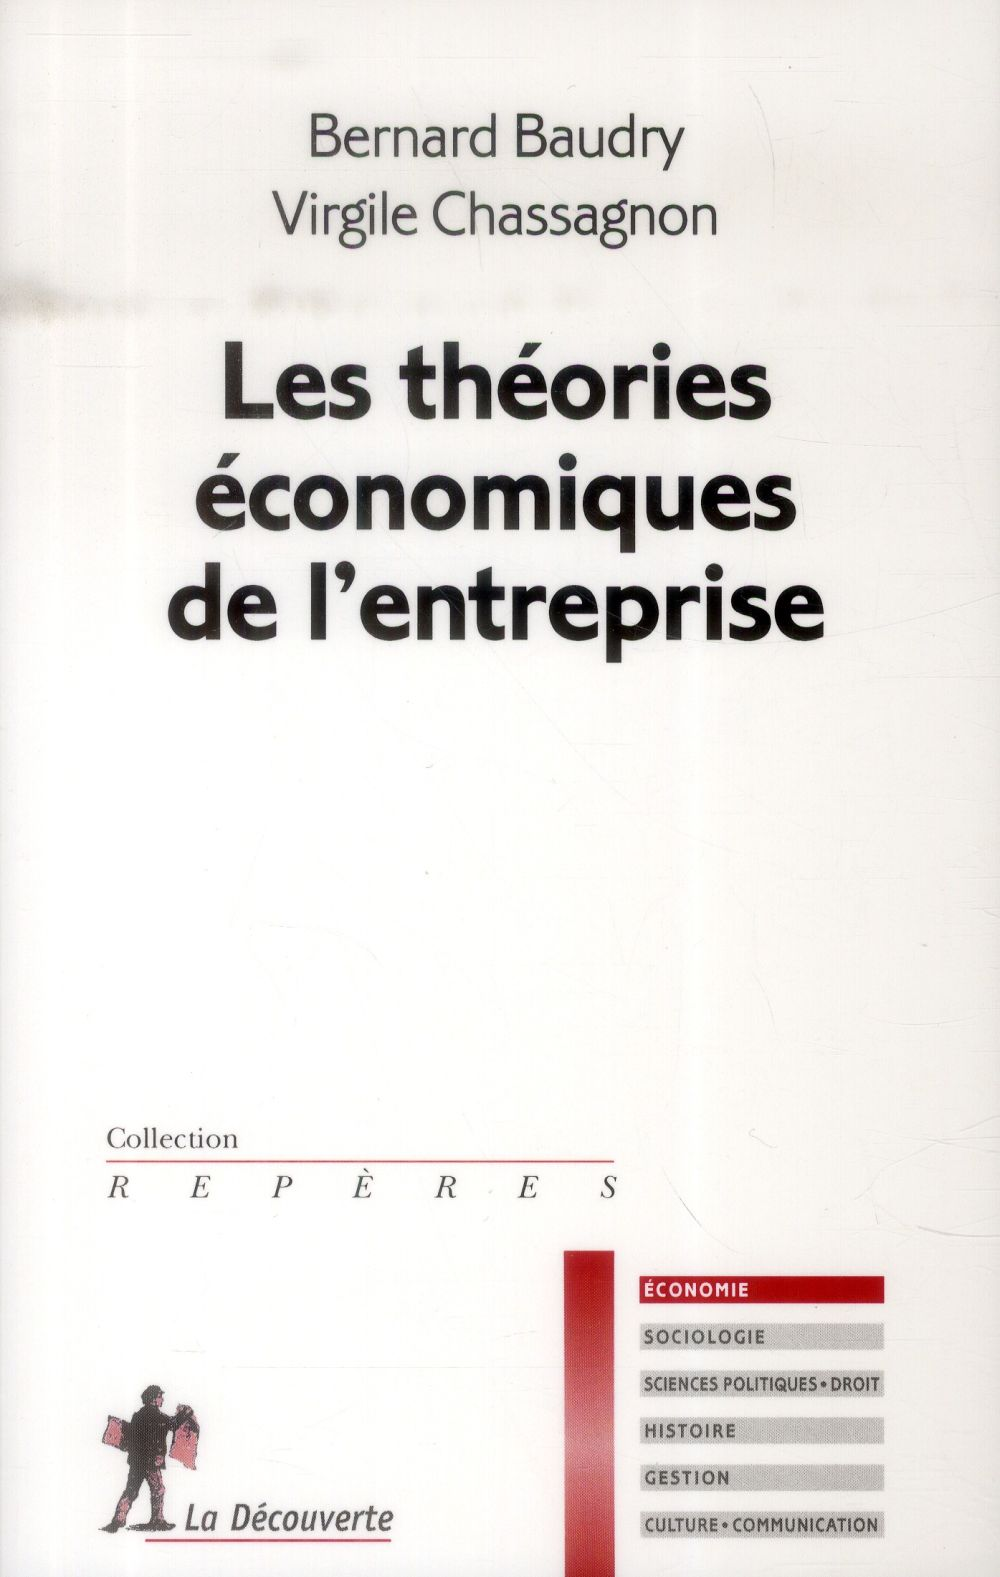 LES THEORIES ECONOMIQUES DE L'ENTREPRISE